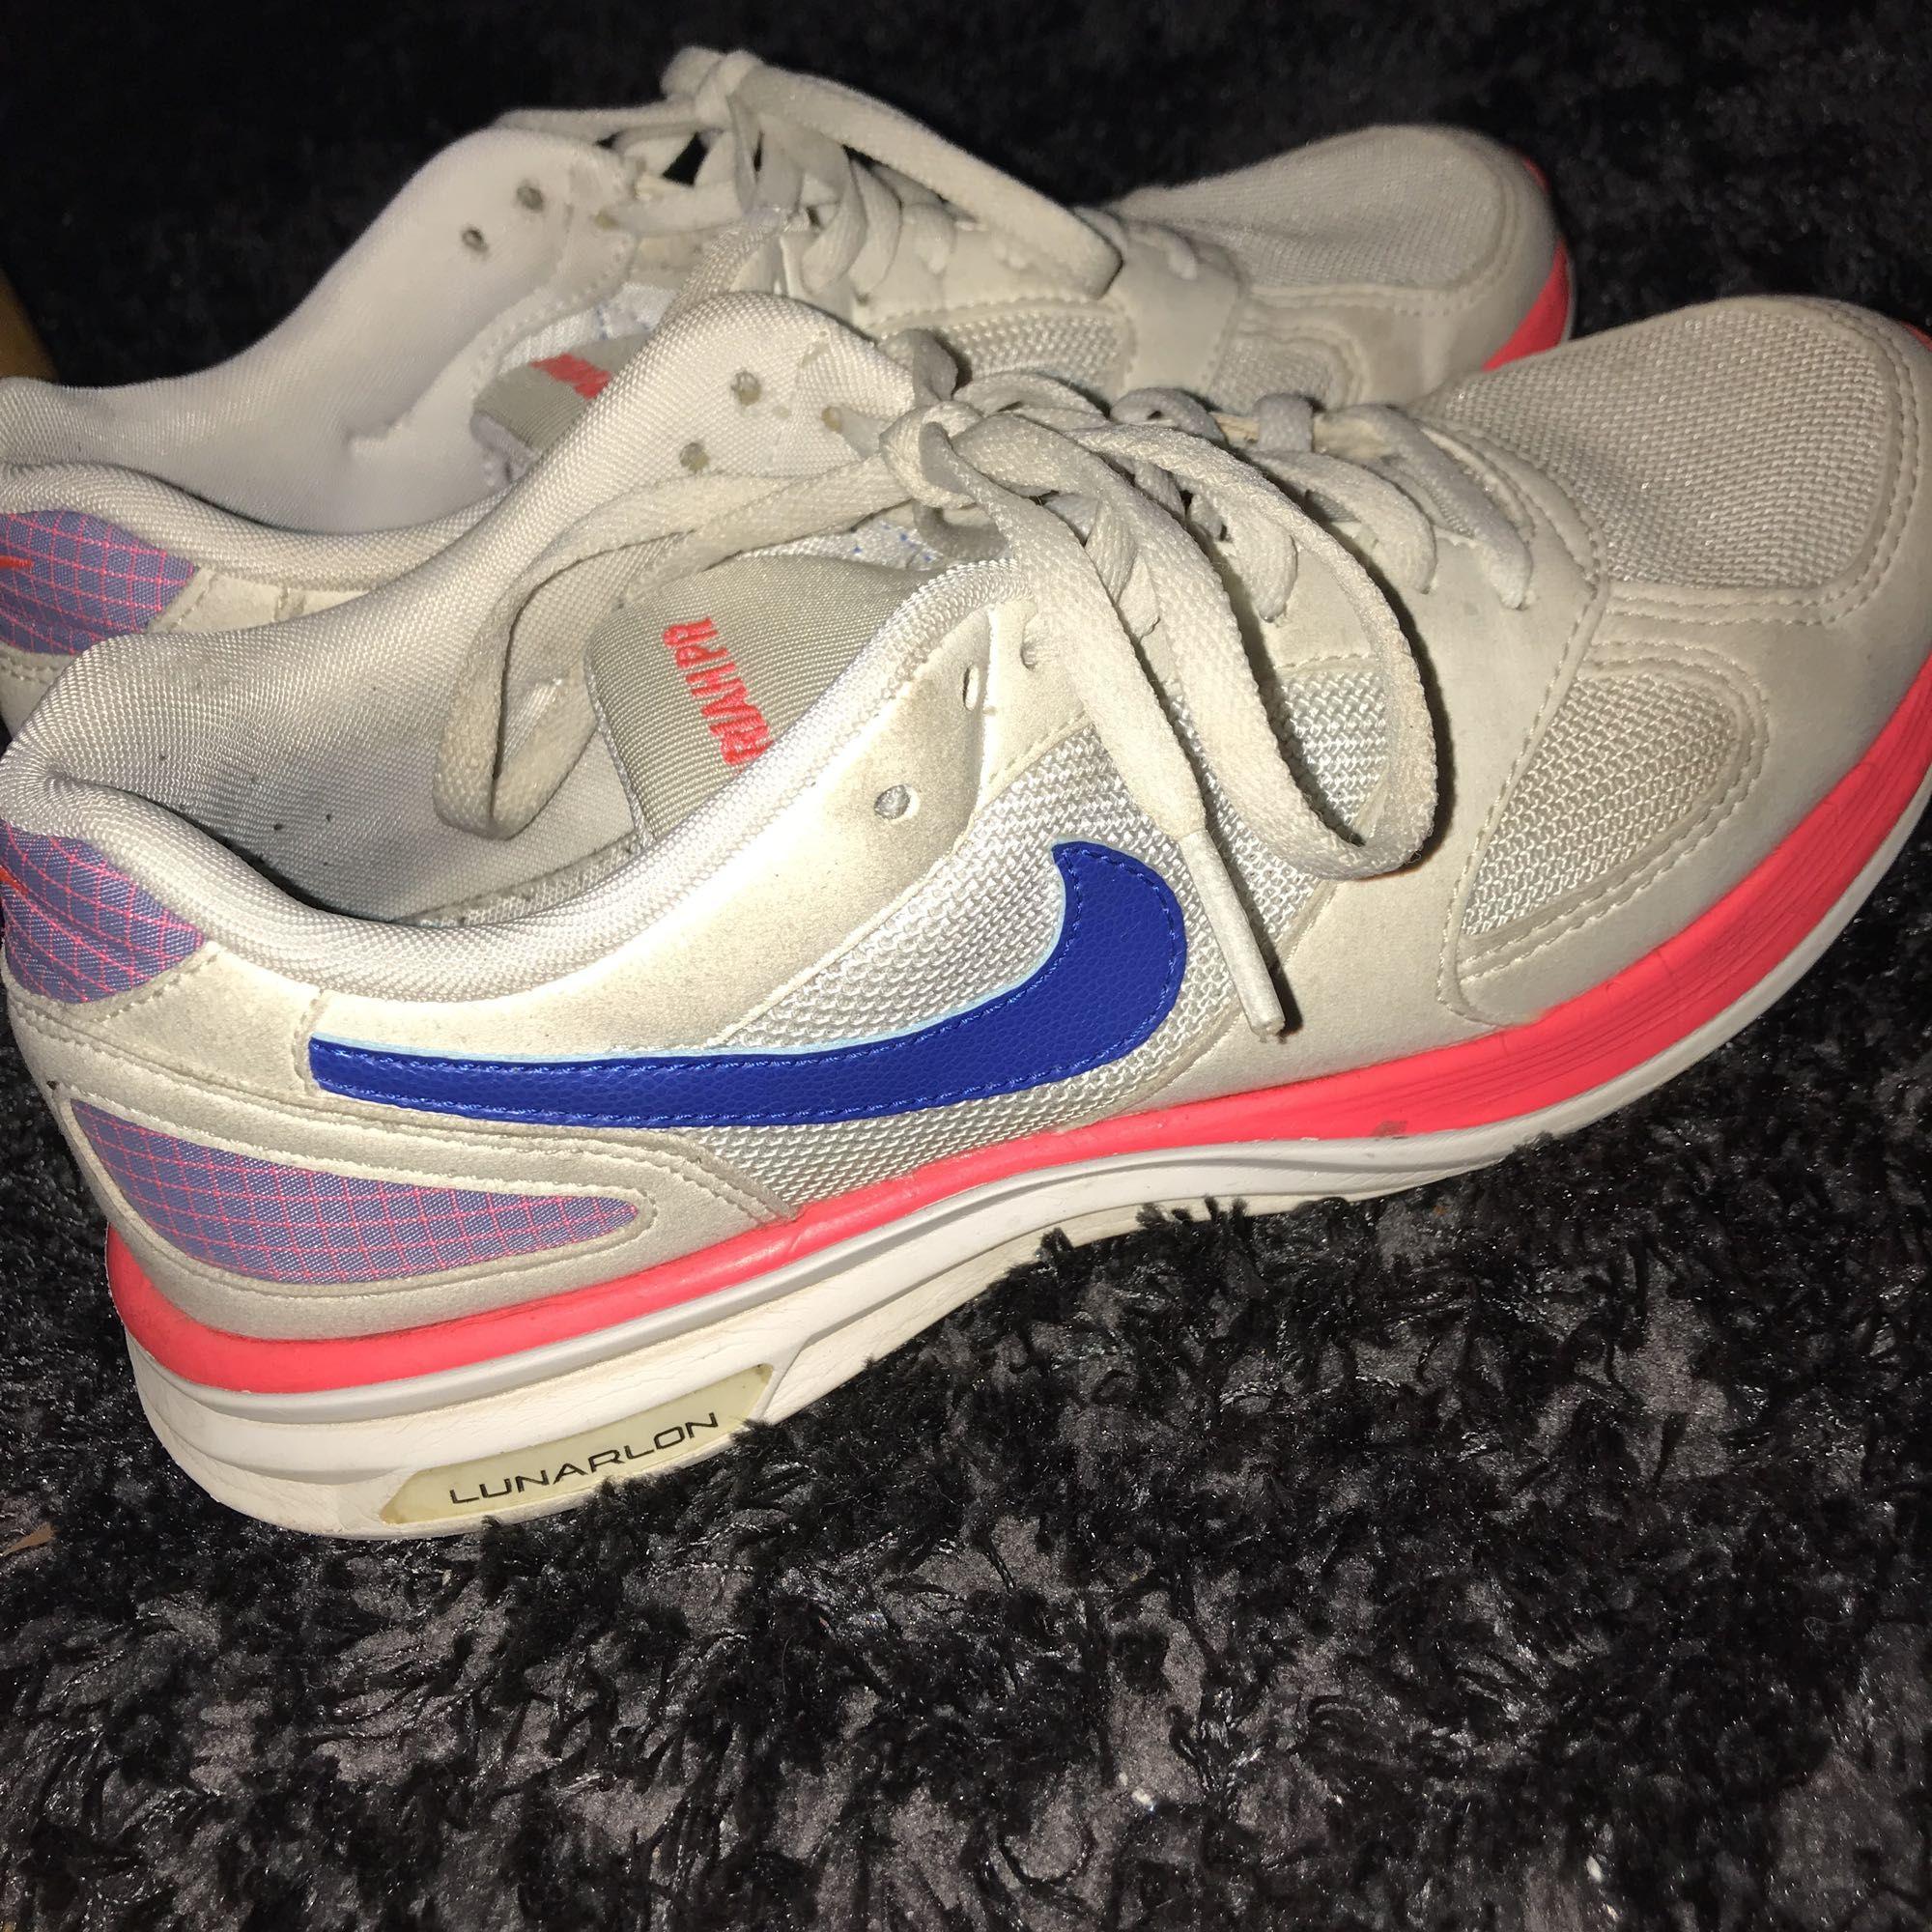 55720a840b8 Unika Skor Hand Nike Coola Second Snygga Och Fr dtqtav